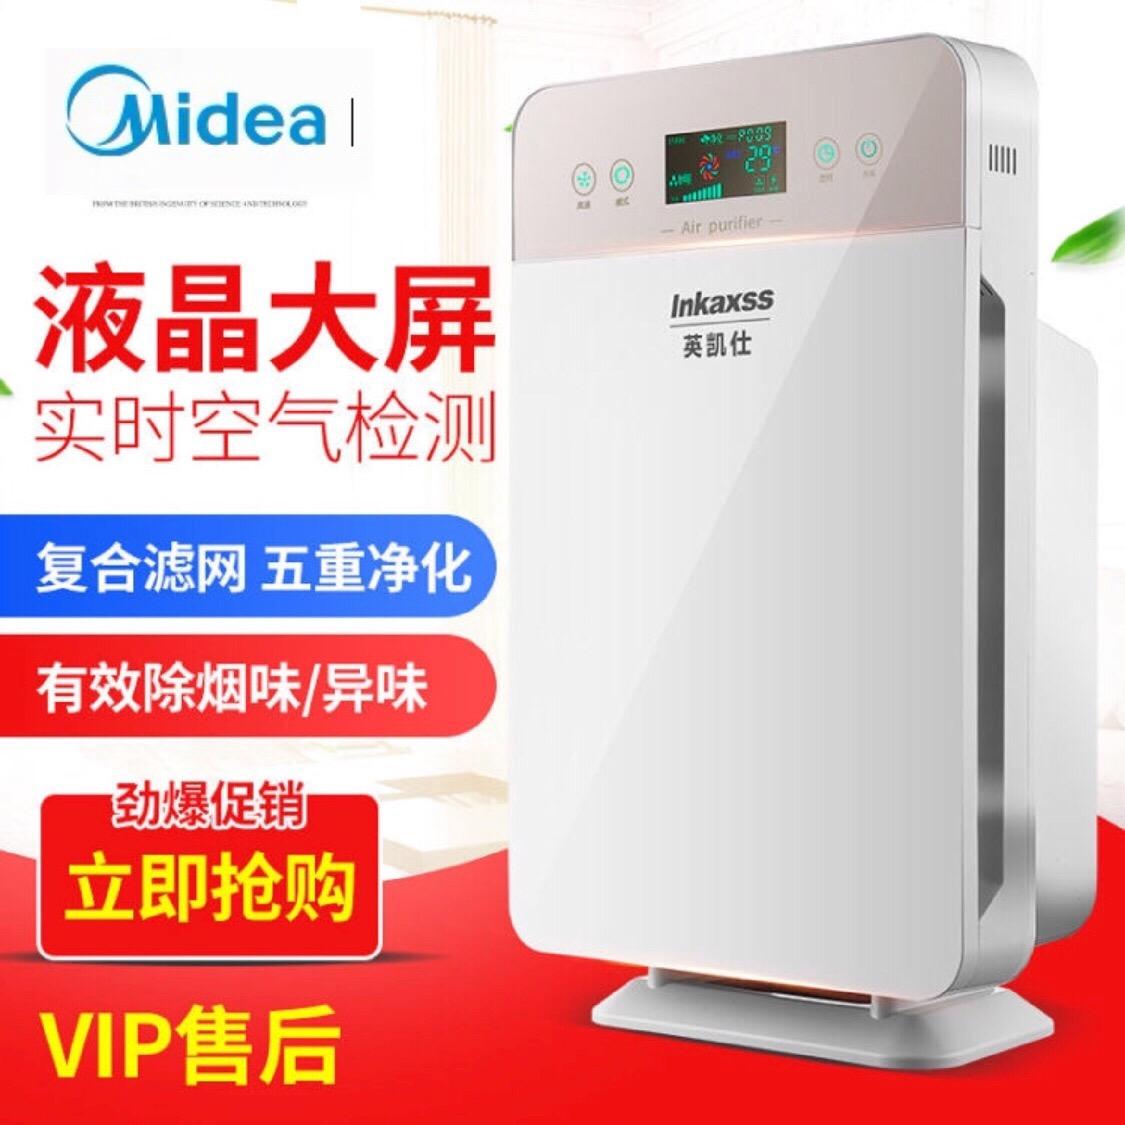 [锐智精品商贸城空气净化器]飞利浦品质空气净化器W380BB60月销量0件仅售198元